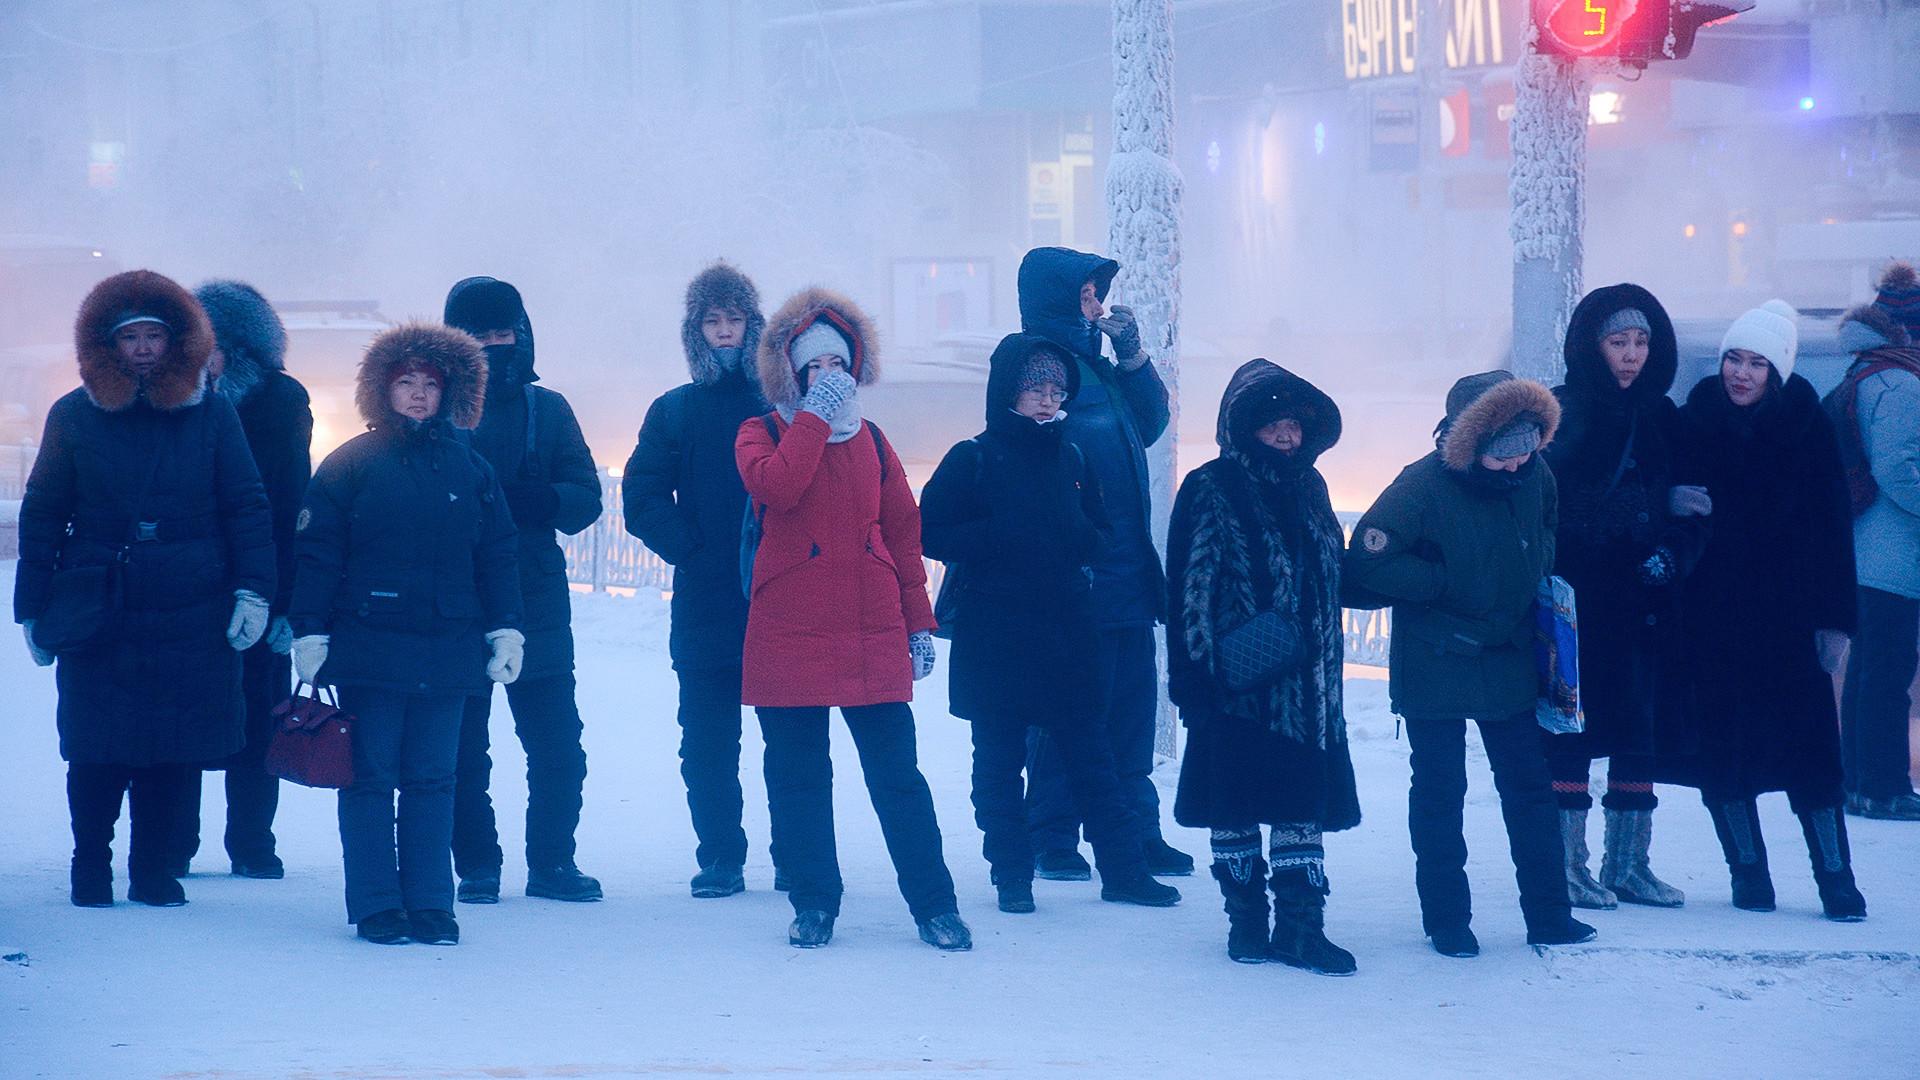 Inverno em Iakutsk